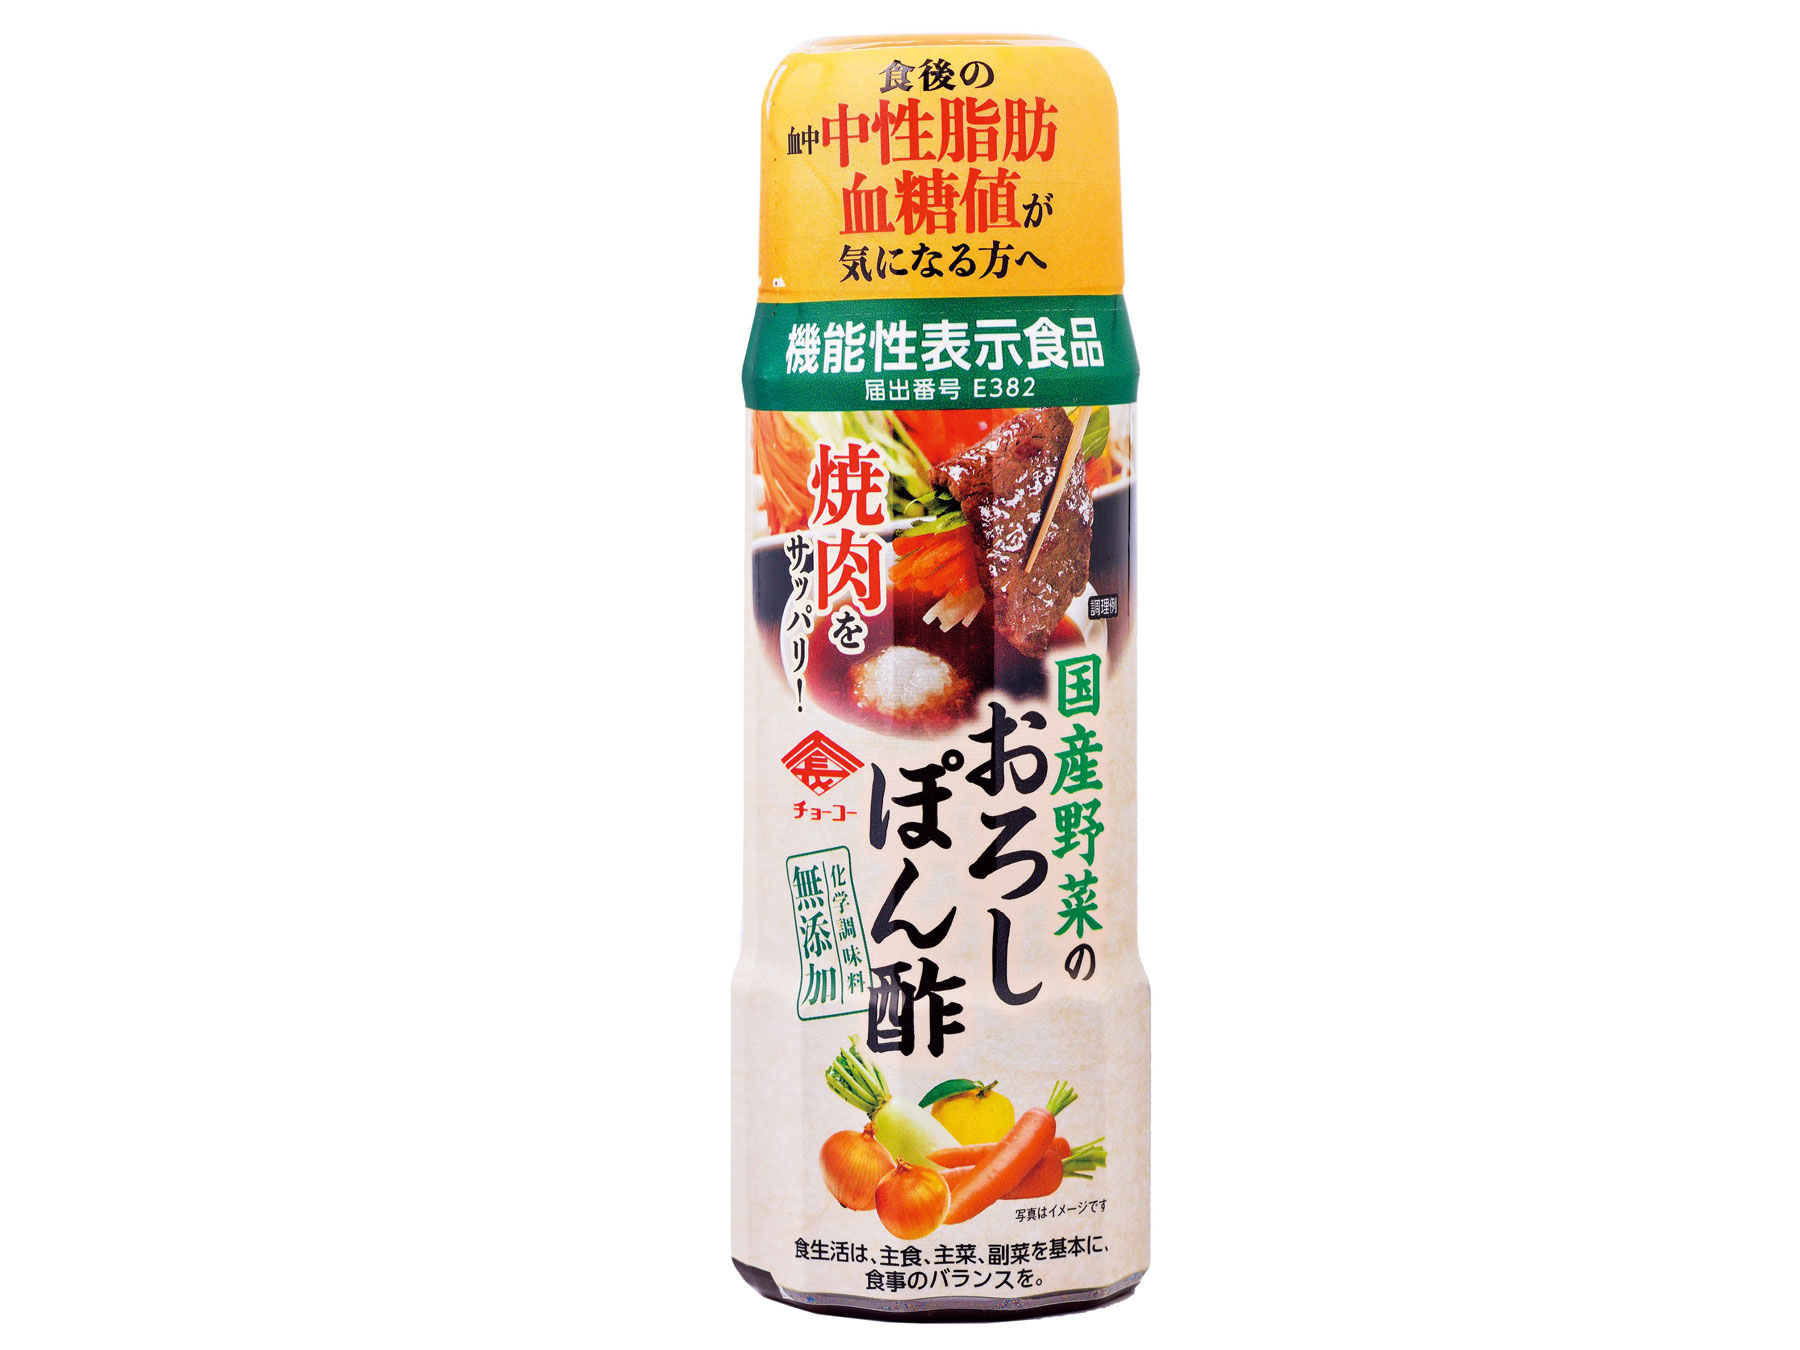 国産野菜のおろしぽん酢